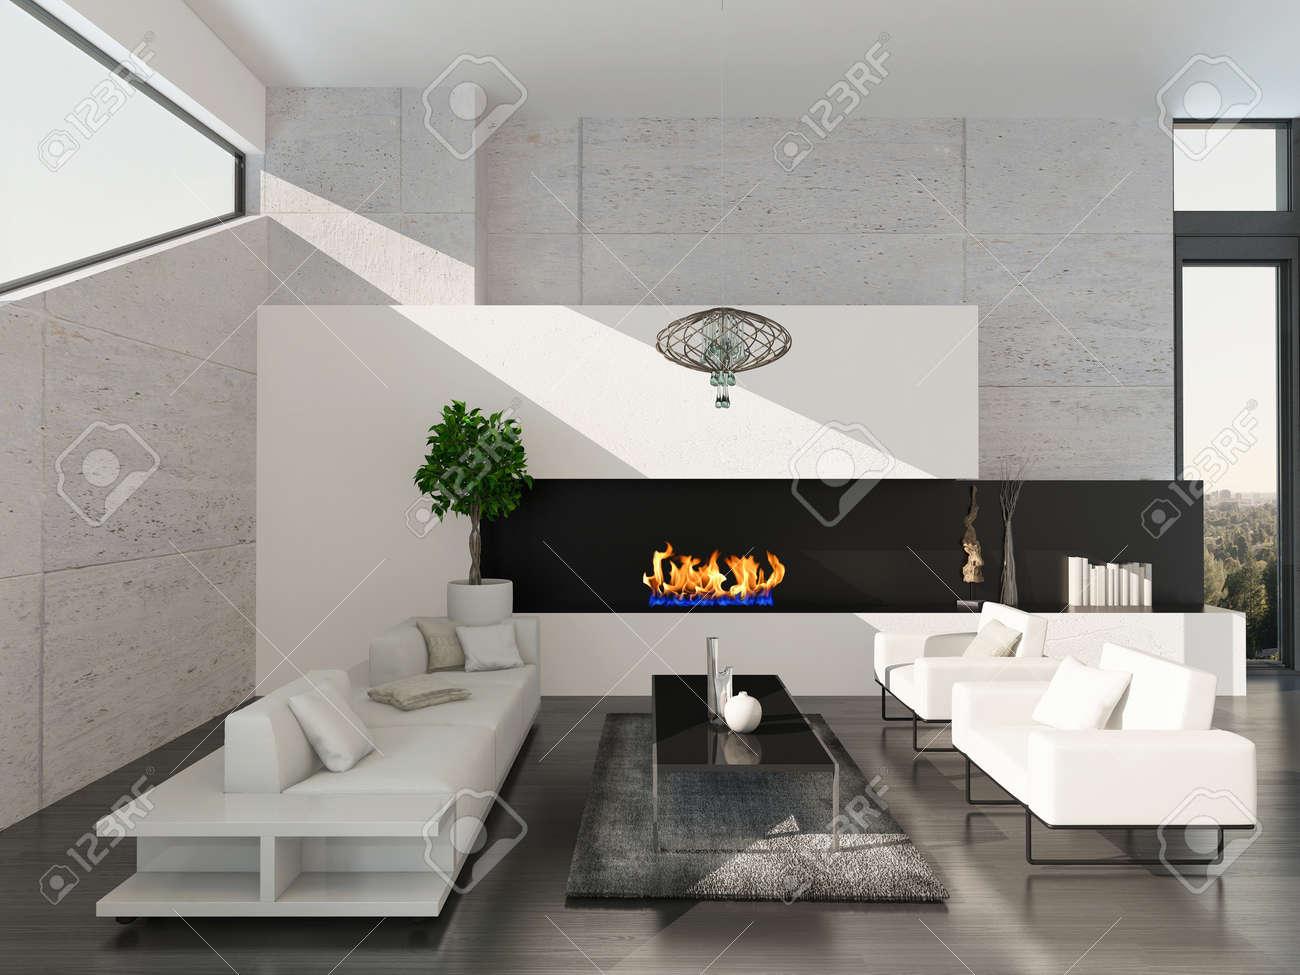 Un très bel intérieur de salon moderne avec canapé, fauteuils et cheminée